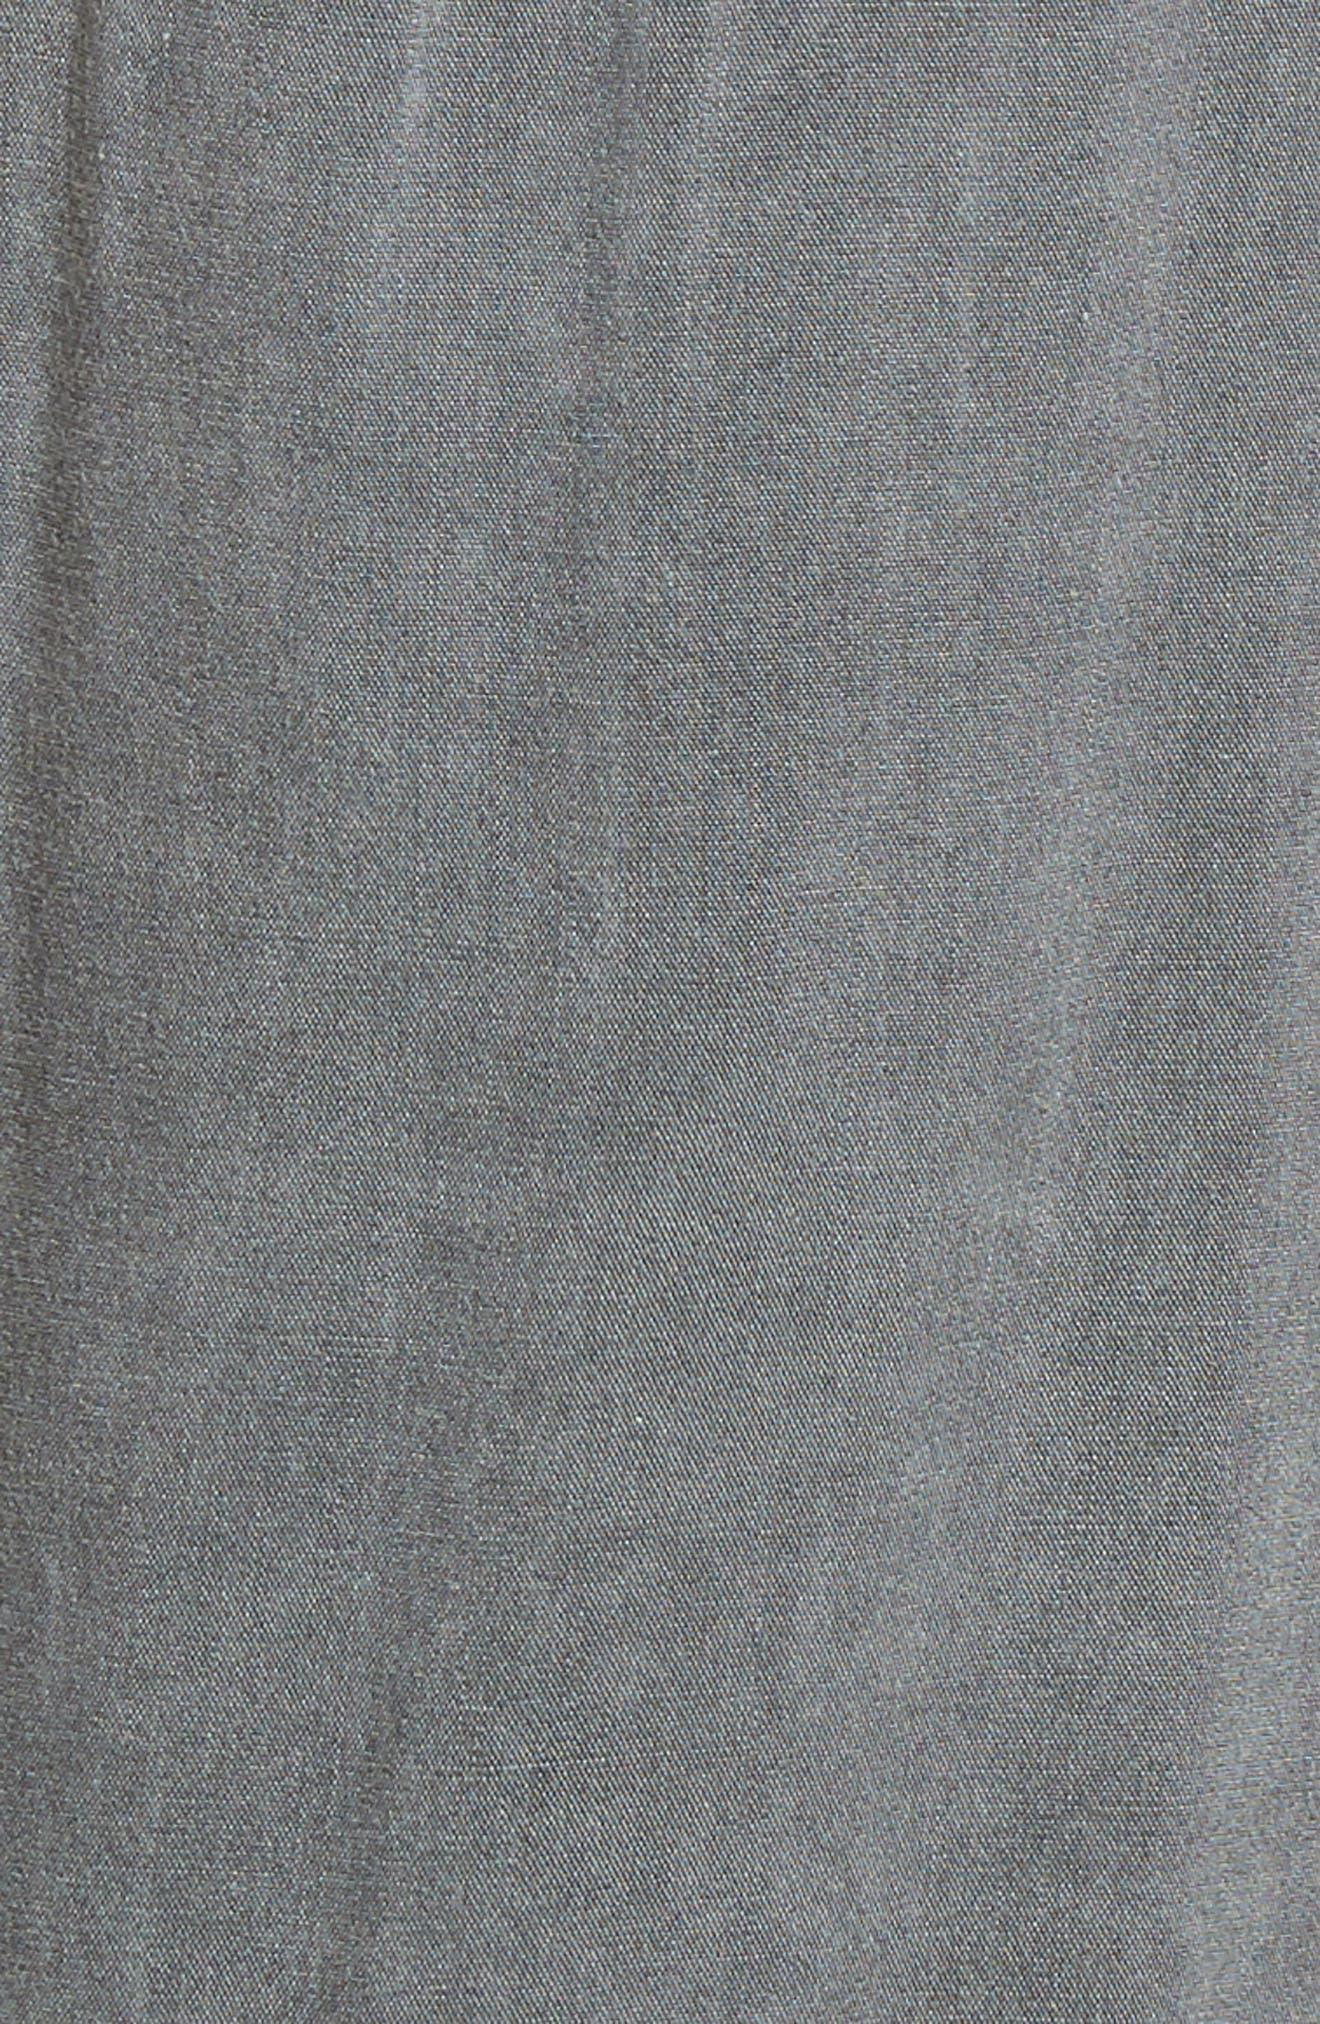 Stripe Crop Pants,                             Alternate thumbnail 6, color,                             020